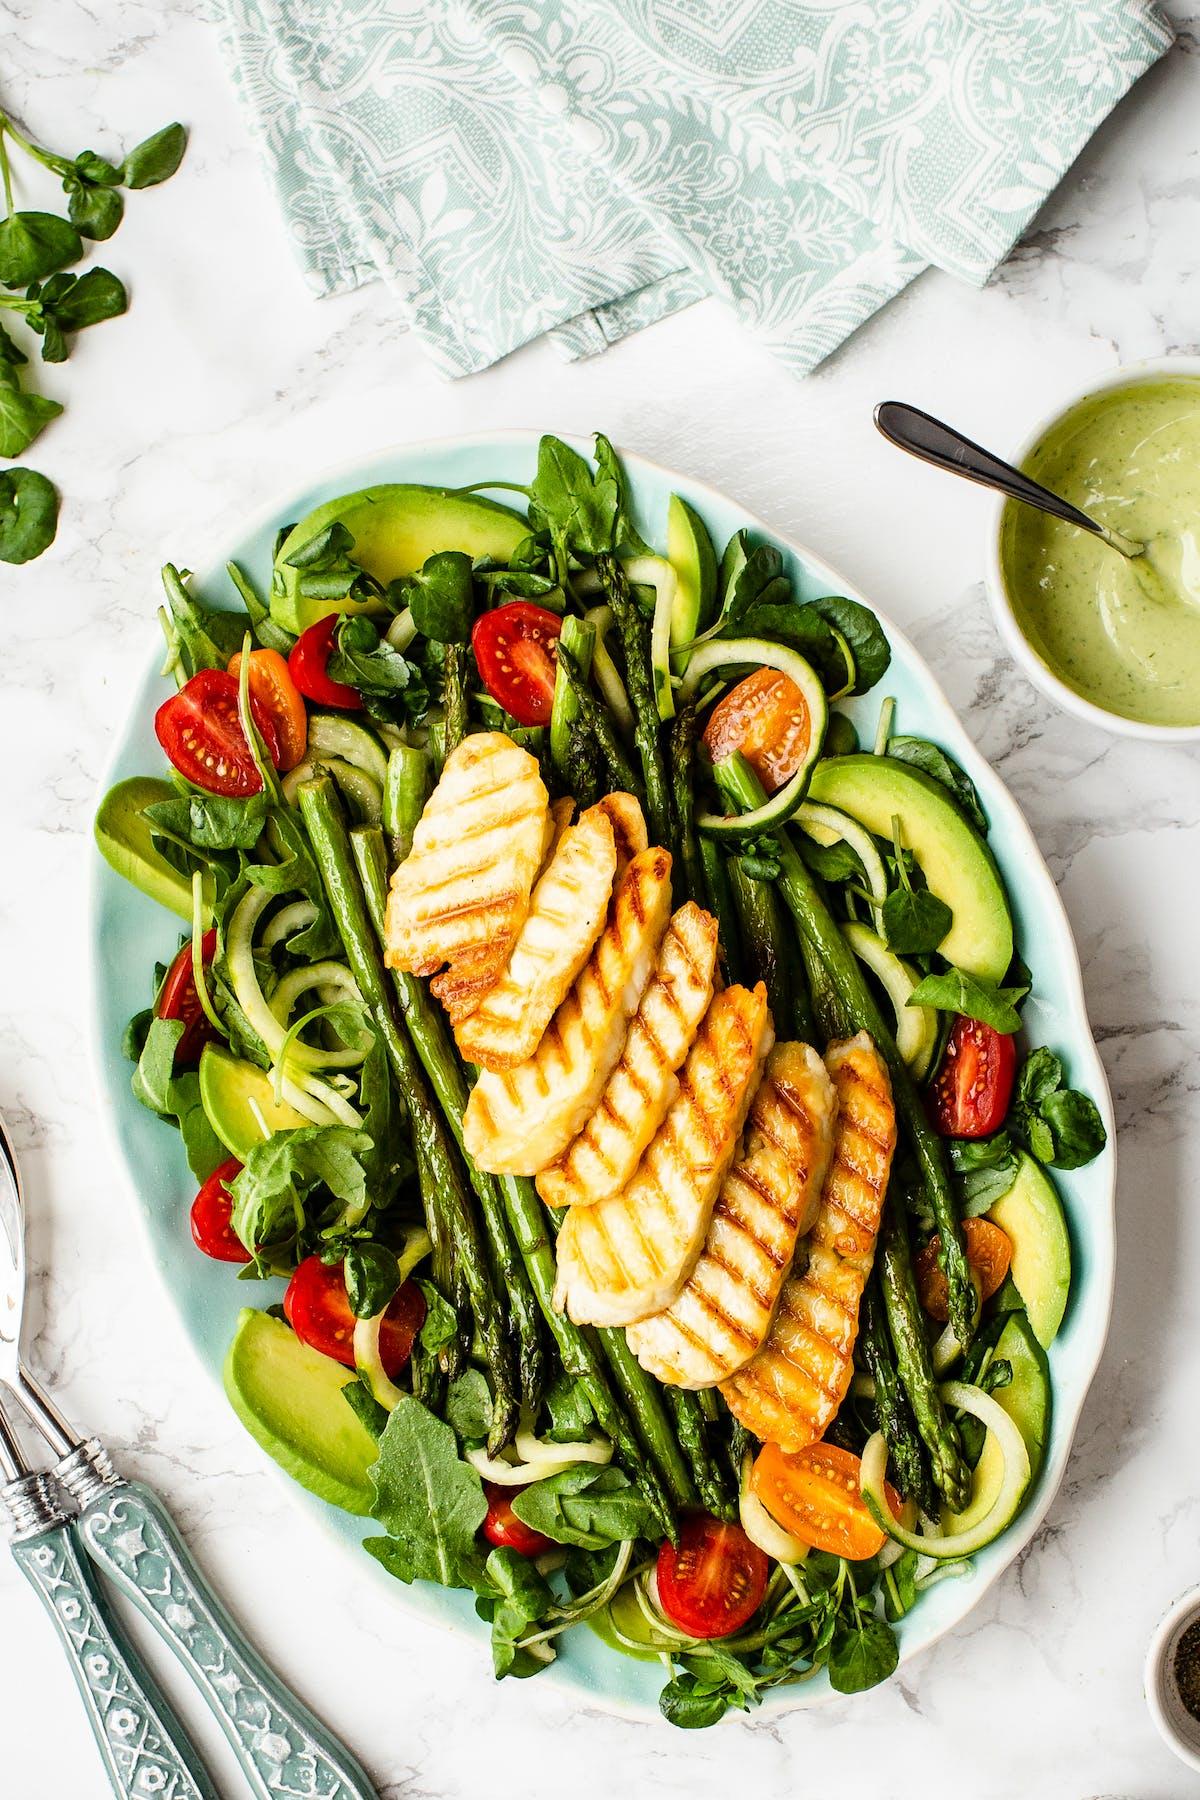 Summer asparagus and halloumi salad